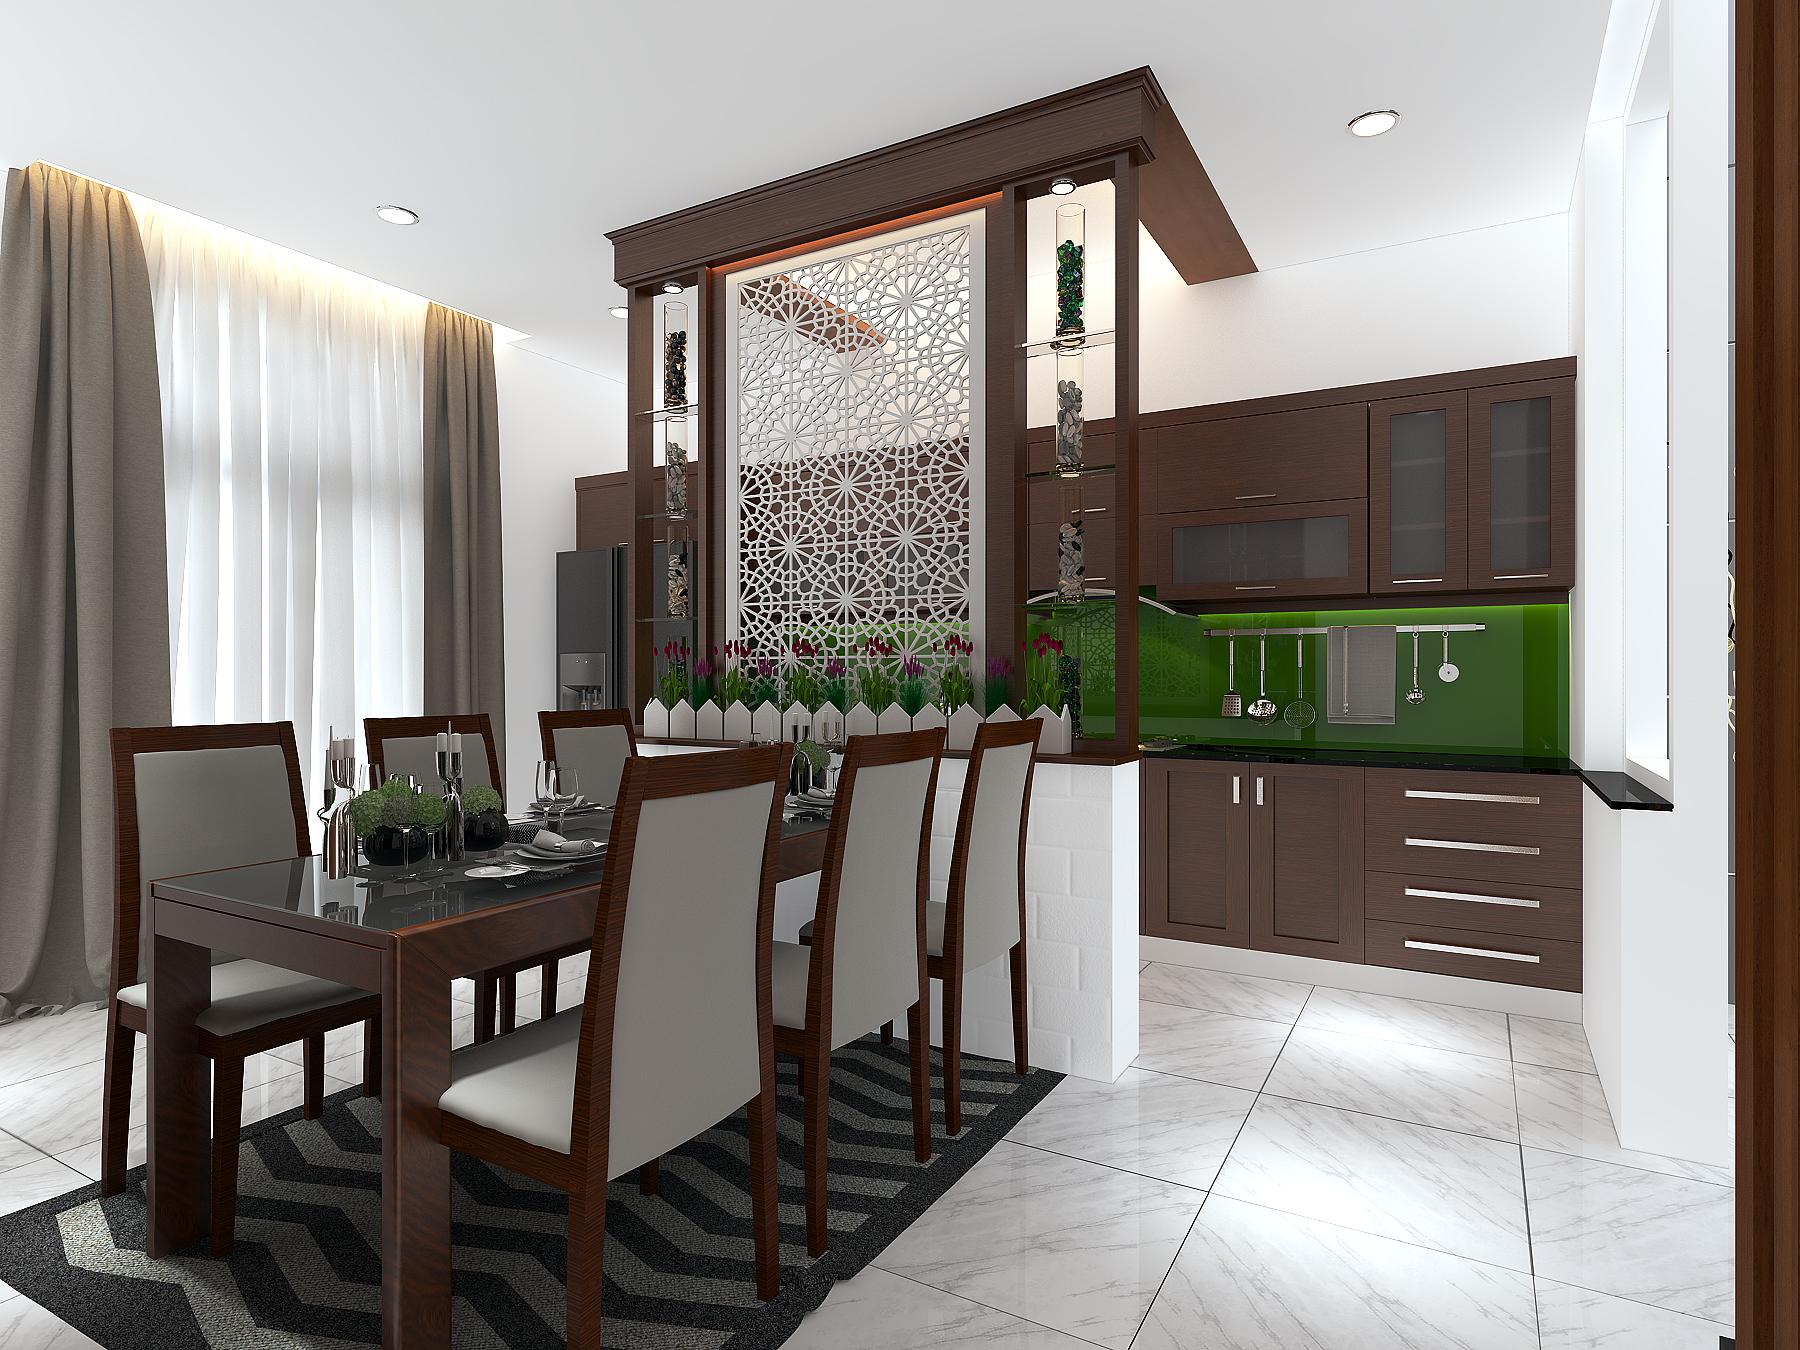 PHONG KHACH BEP 4 1 Mẫu thiết kế nhà đẹp 4,5x18m 3 tầng mới hiện đại ngập không gian xanh đẹp tuyệt ở Biên Hòa